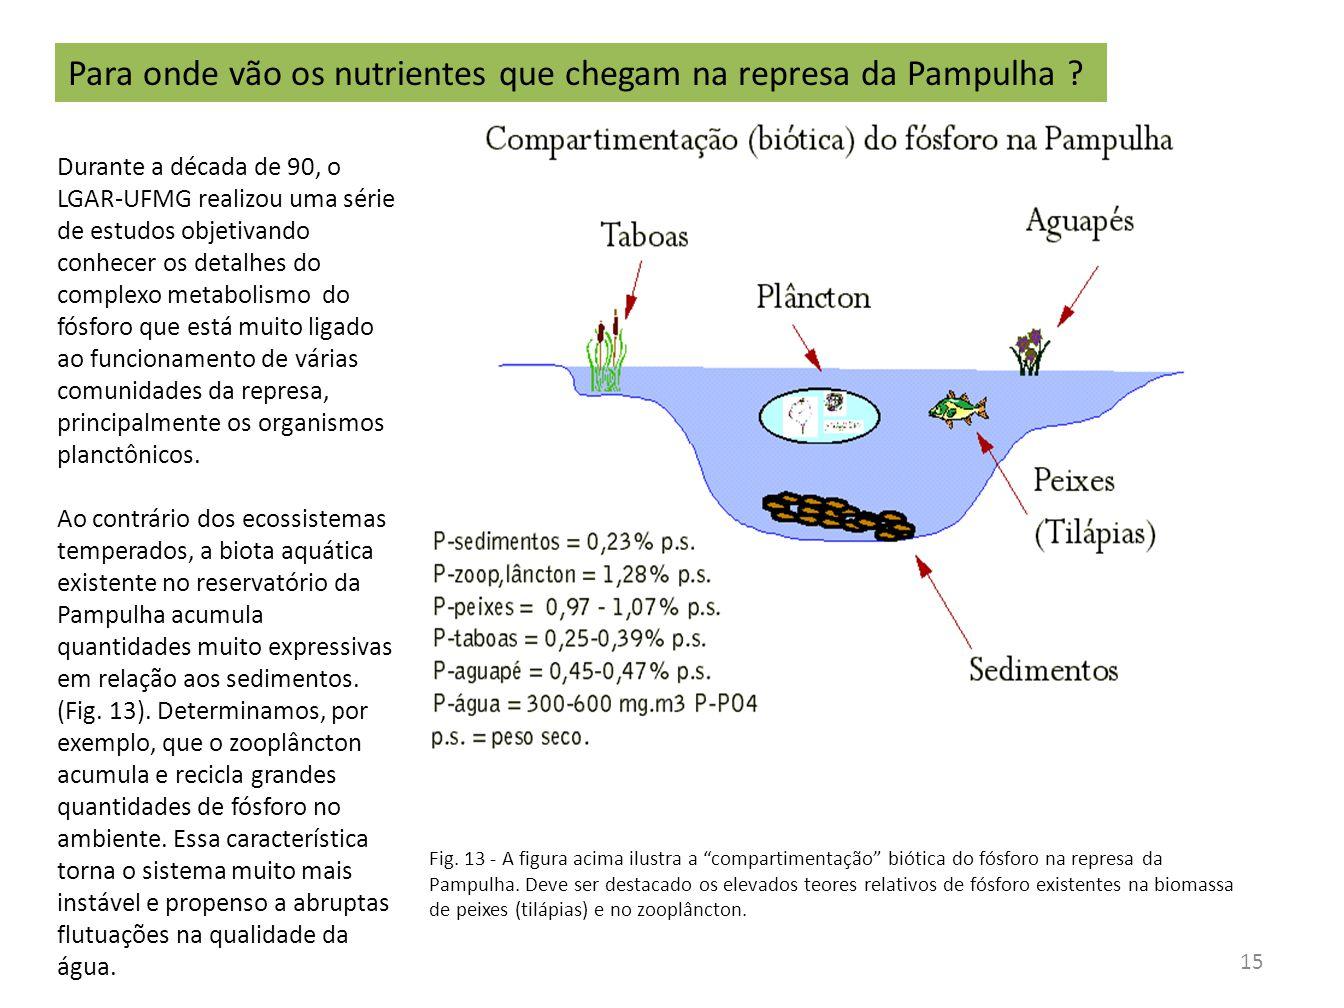 """Fig. 13 - A figura acima ilustra a """"compartimentação"""" biótica do fósforo na represa da Pampulha. Deve ser destacado os elevados teores relativos de fó"""